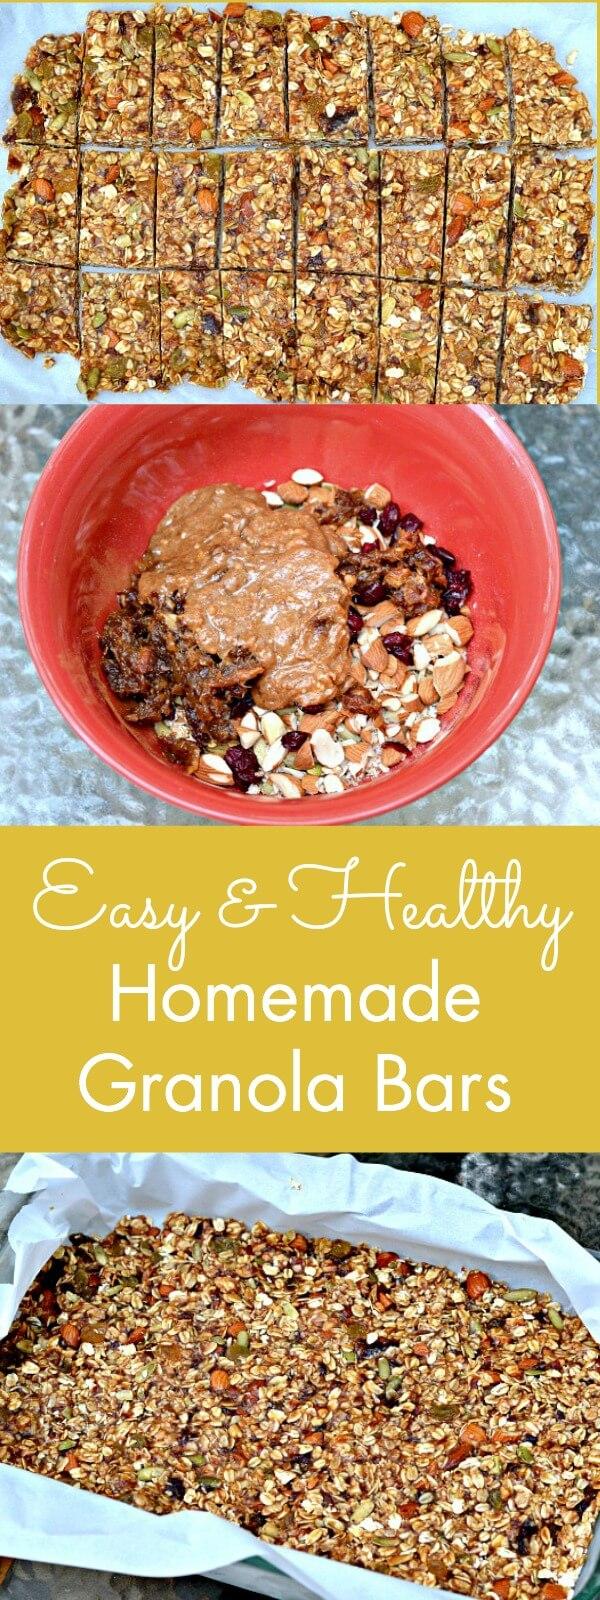 Easy & Healthy Homemade Granola Bars - Peanut Butter Runner